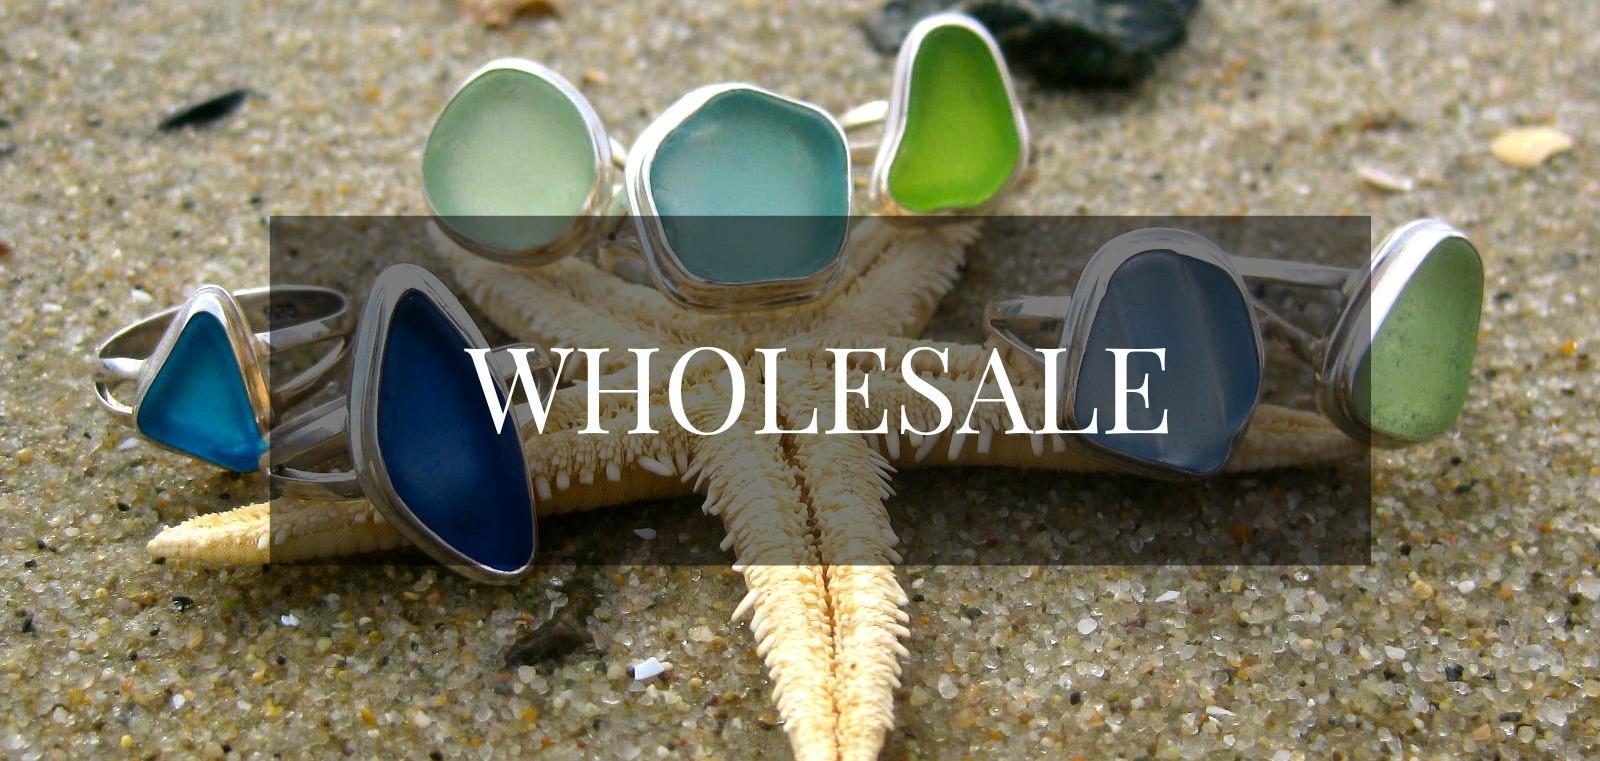 wholesale-2.jpg